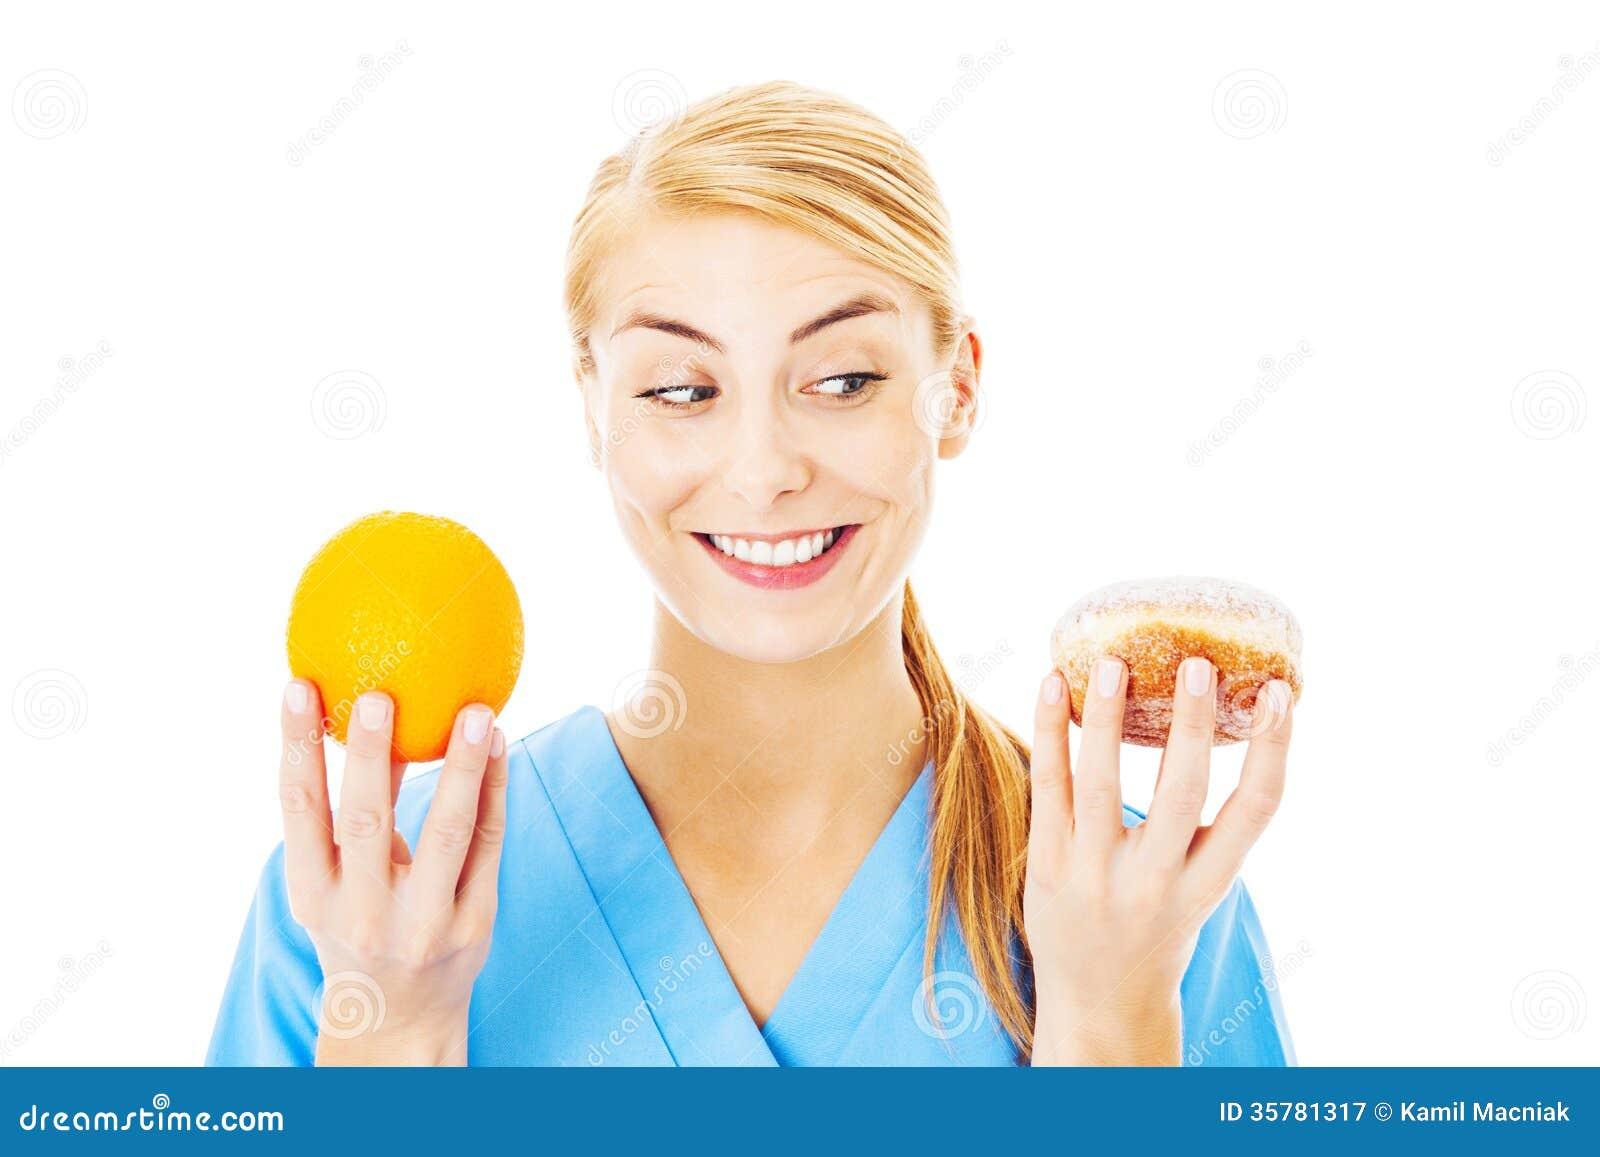 Nurse Holding Sweet Food And Orange Over White Background